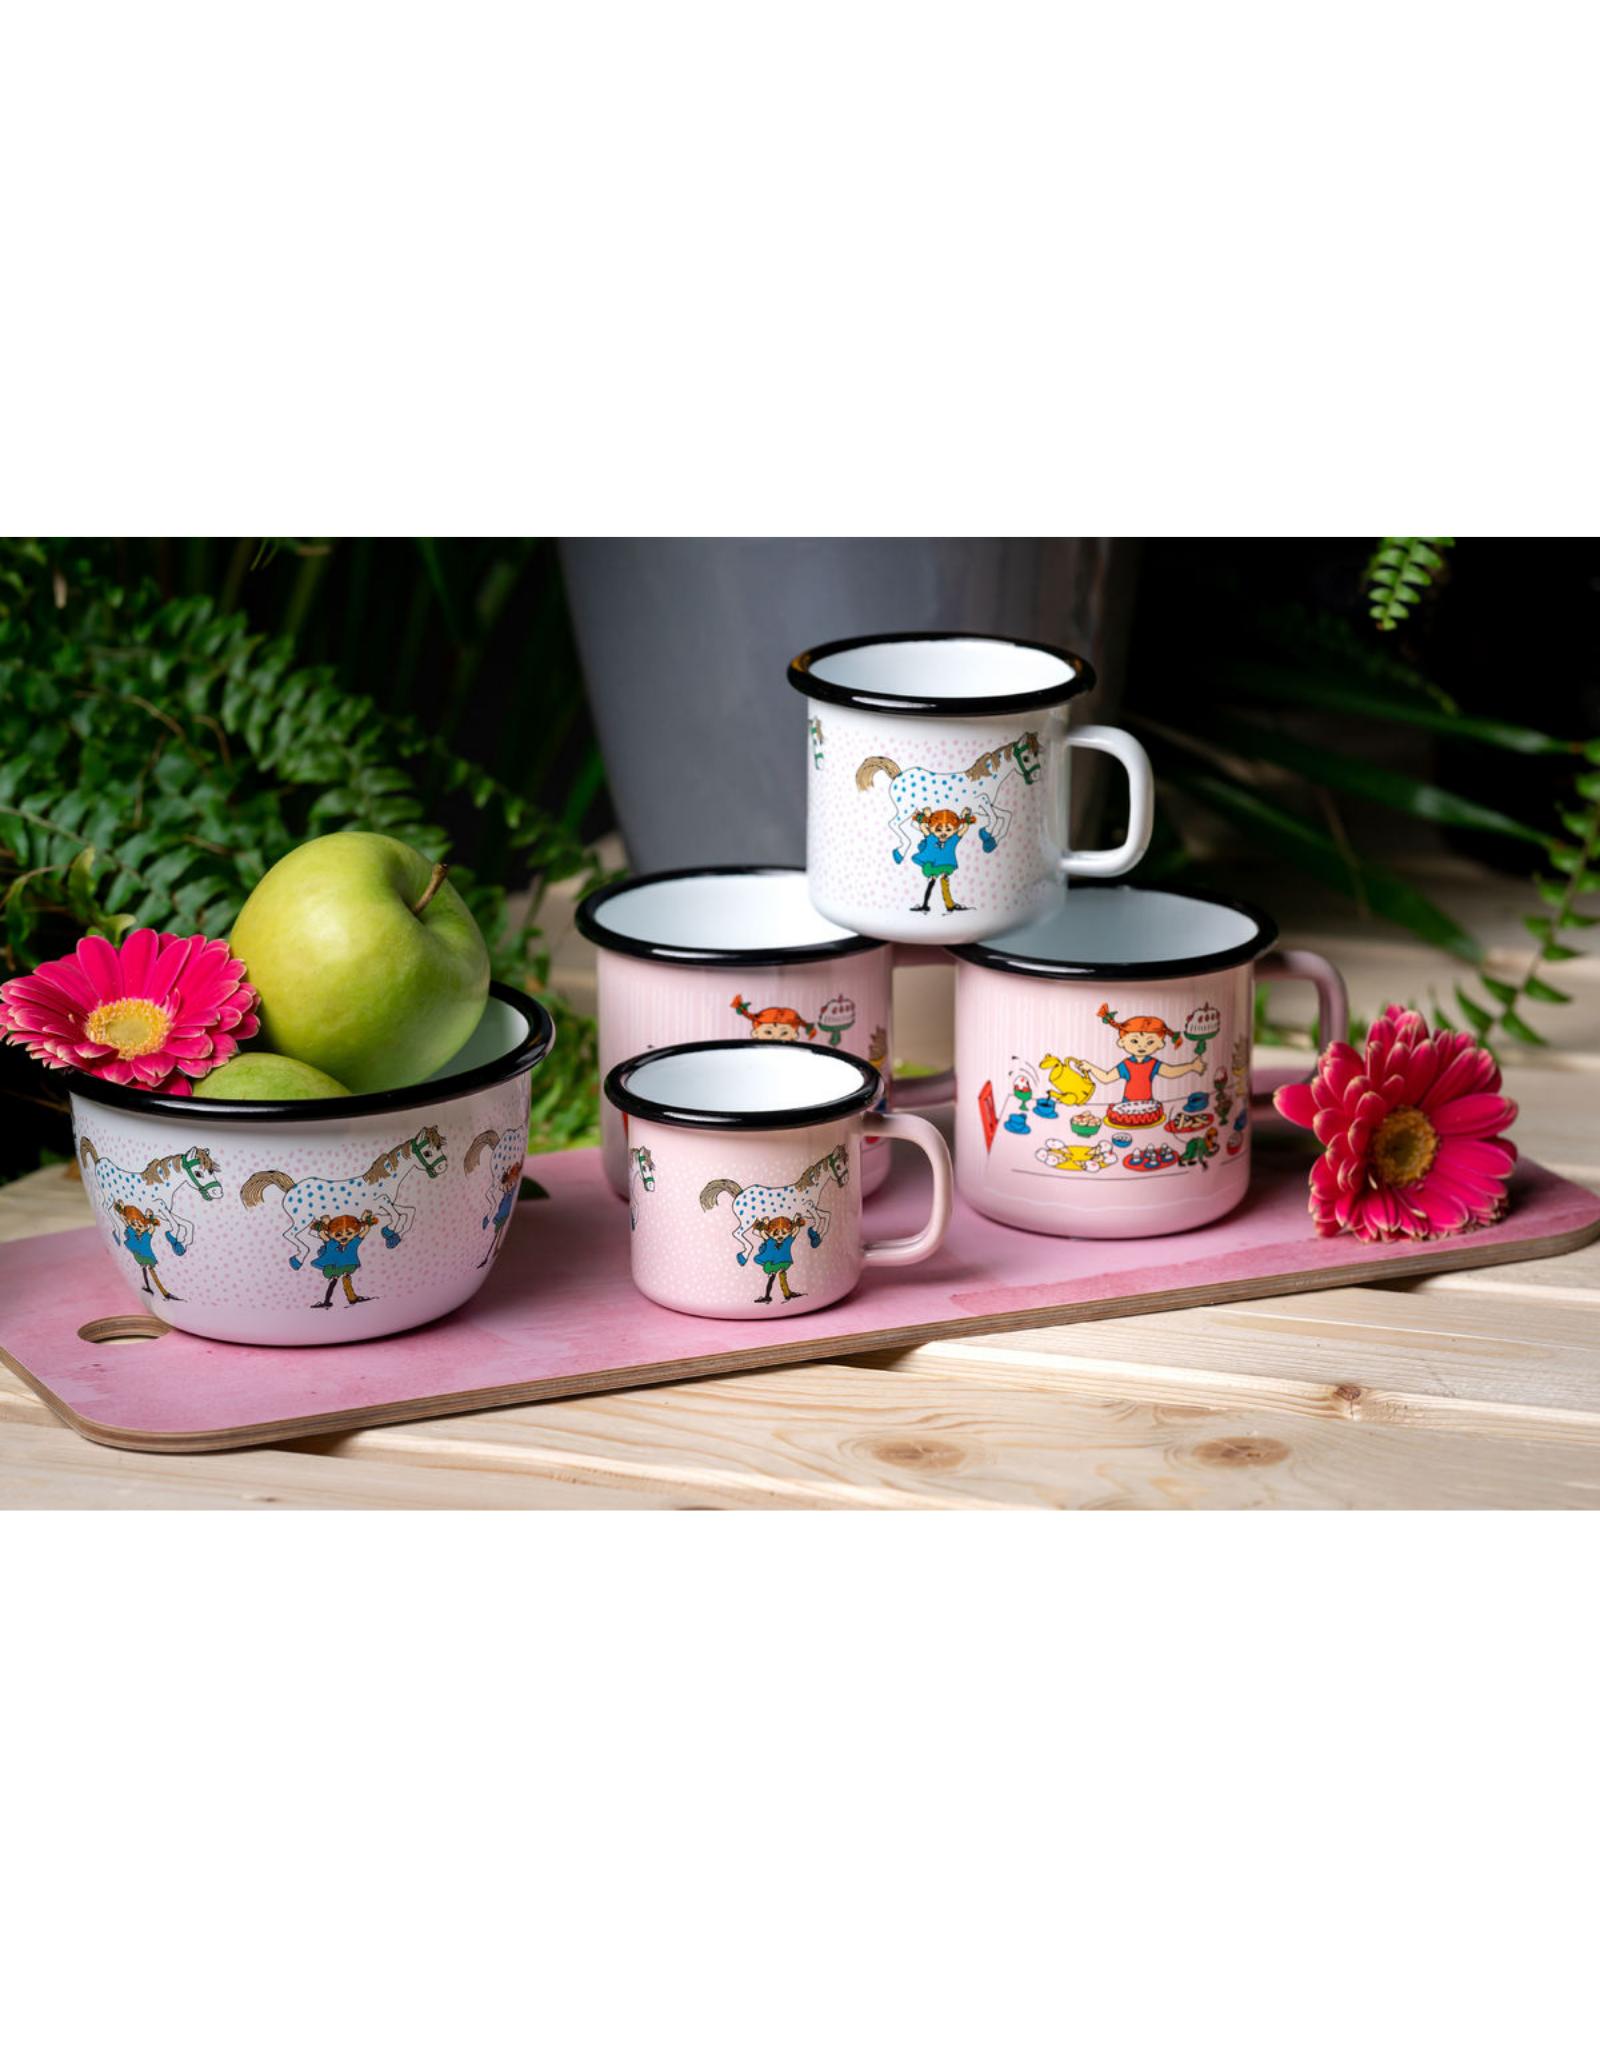 Muurla Koffiemok Emaille | Pippi & Paard 250ml